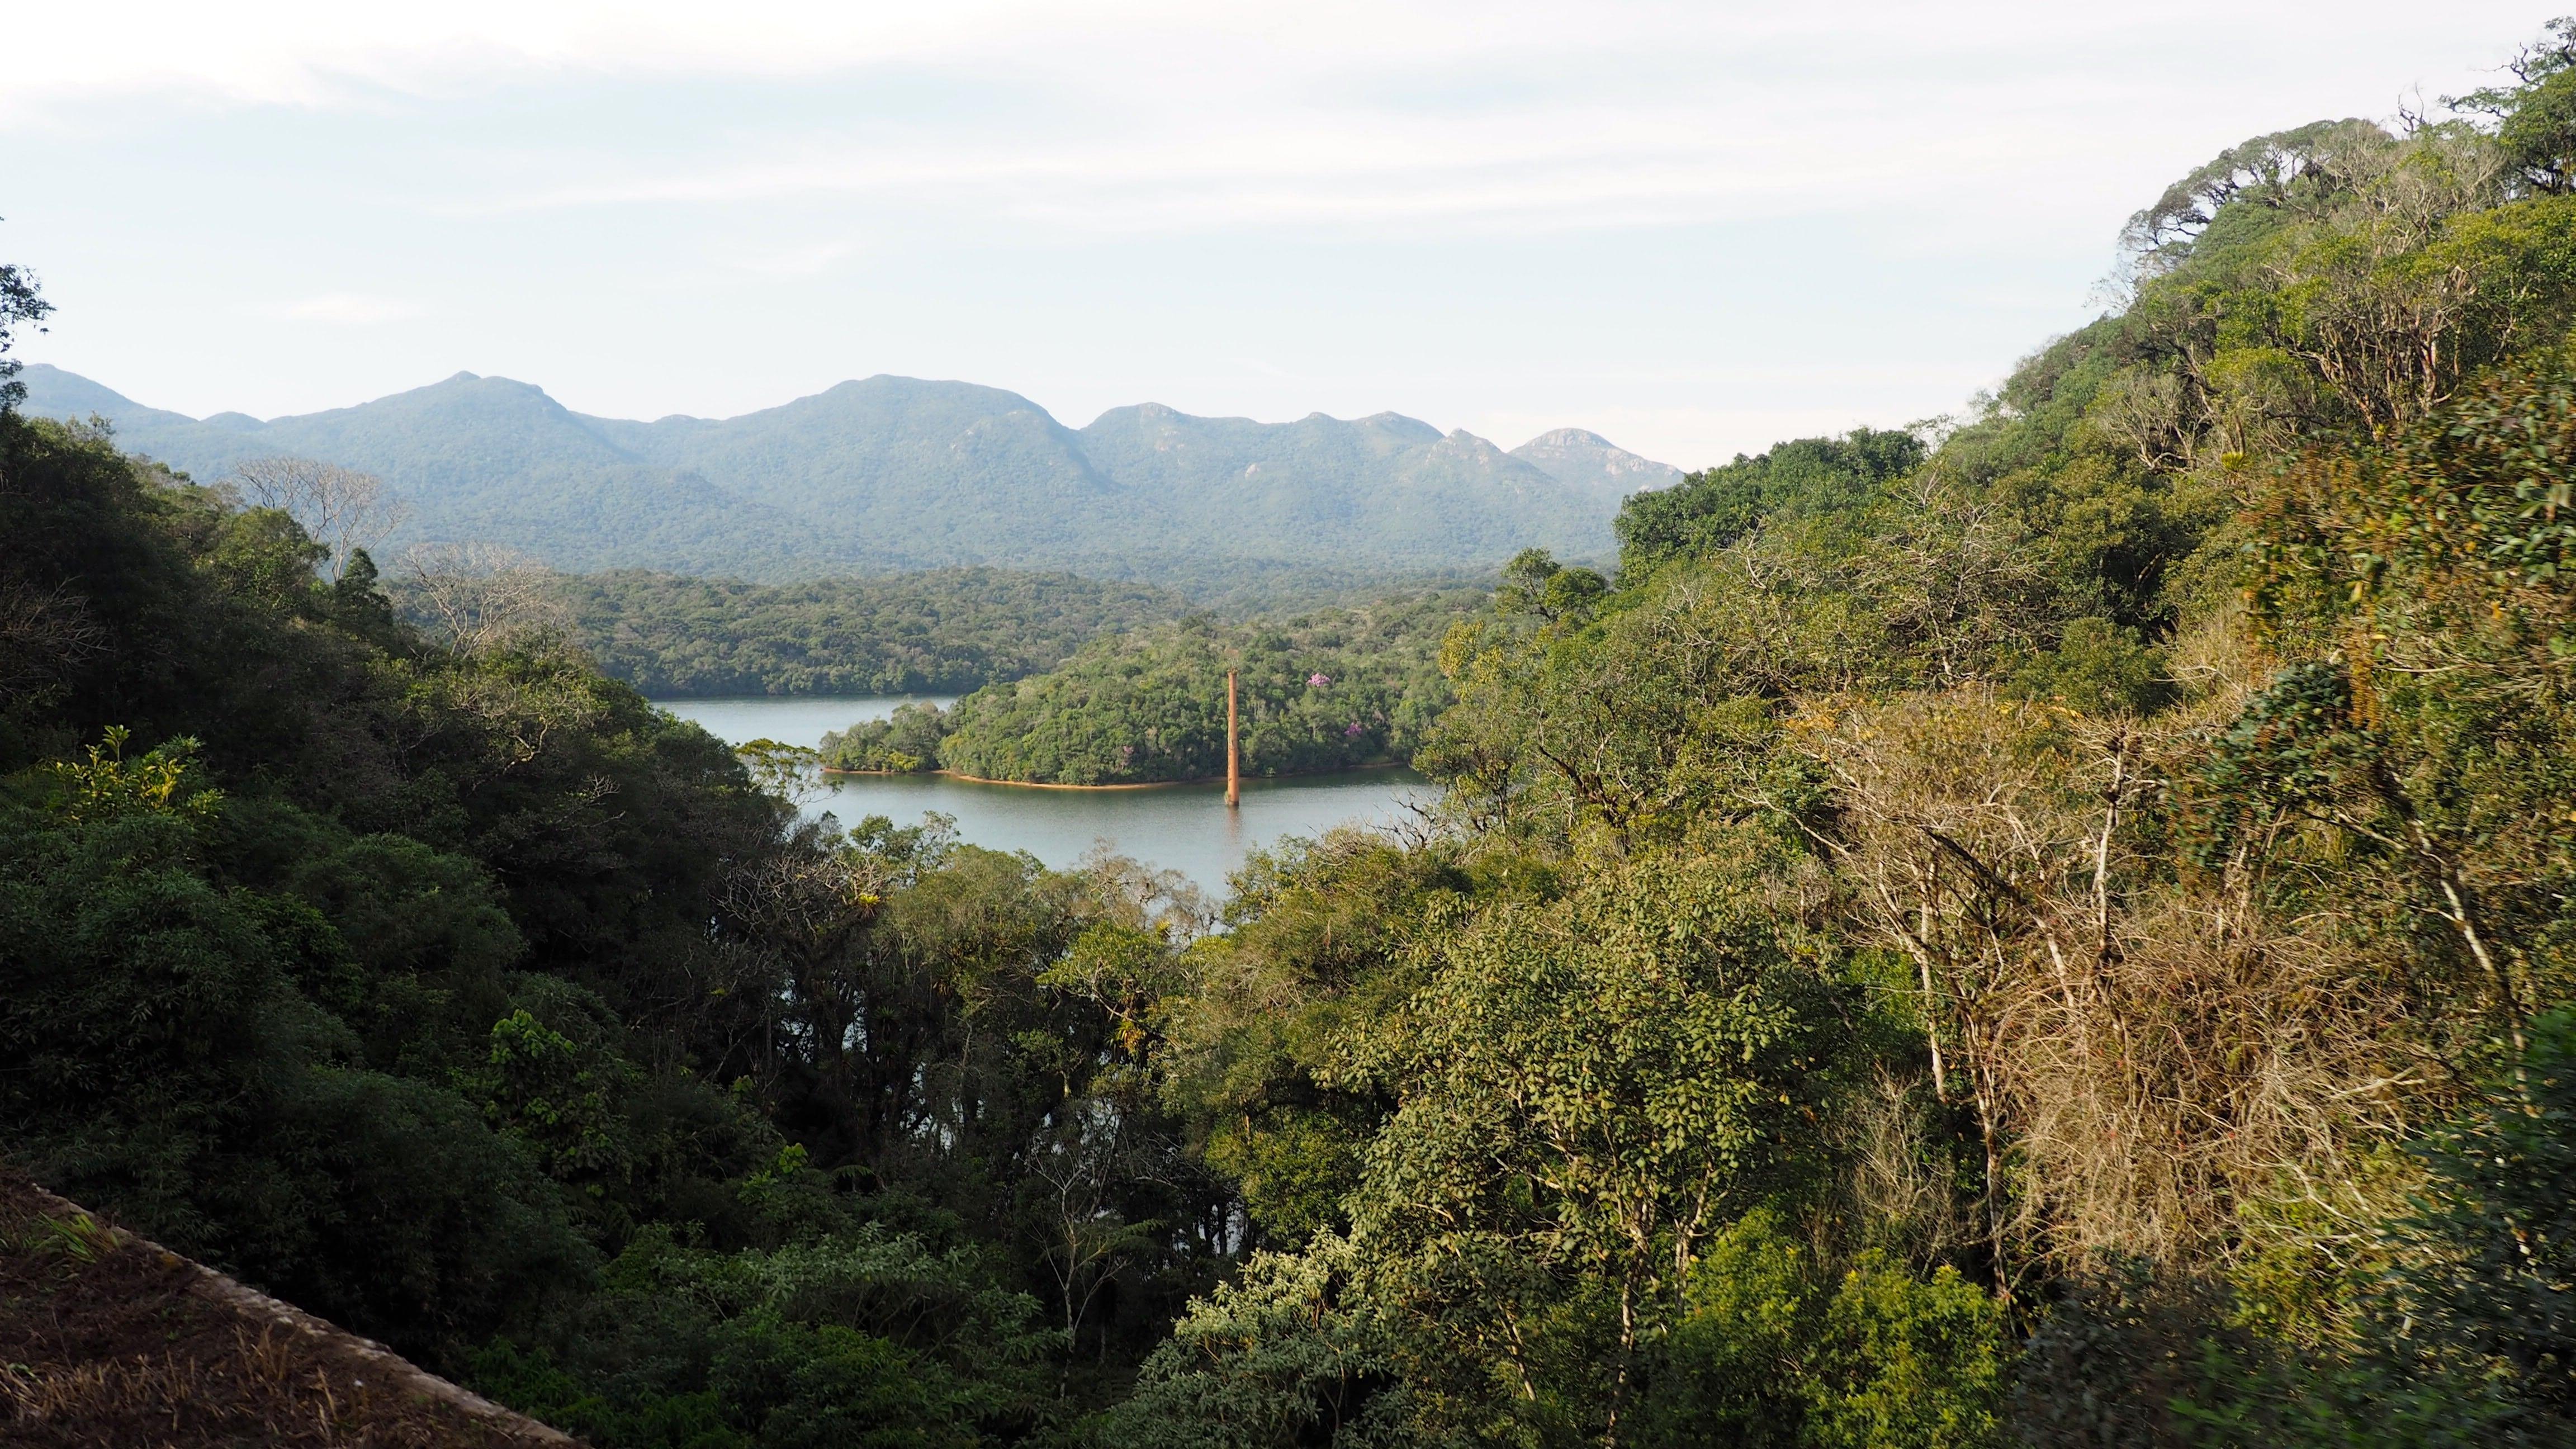 Vistas desde el Tren Turístico de Curitiba al entrar en la Serra do Mar